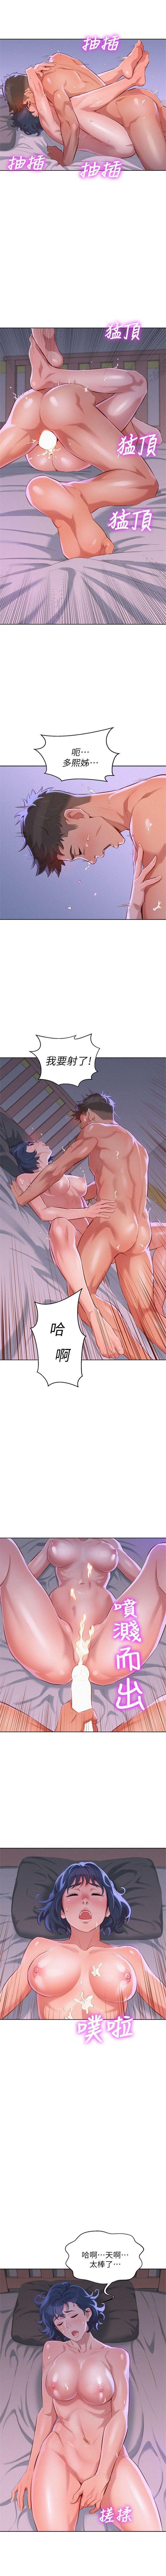 (周7)漂亮干姐姐  1-79 中文翻译 (更新中) 187